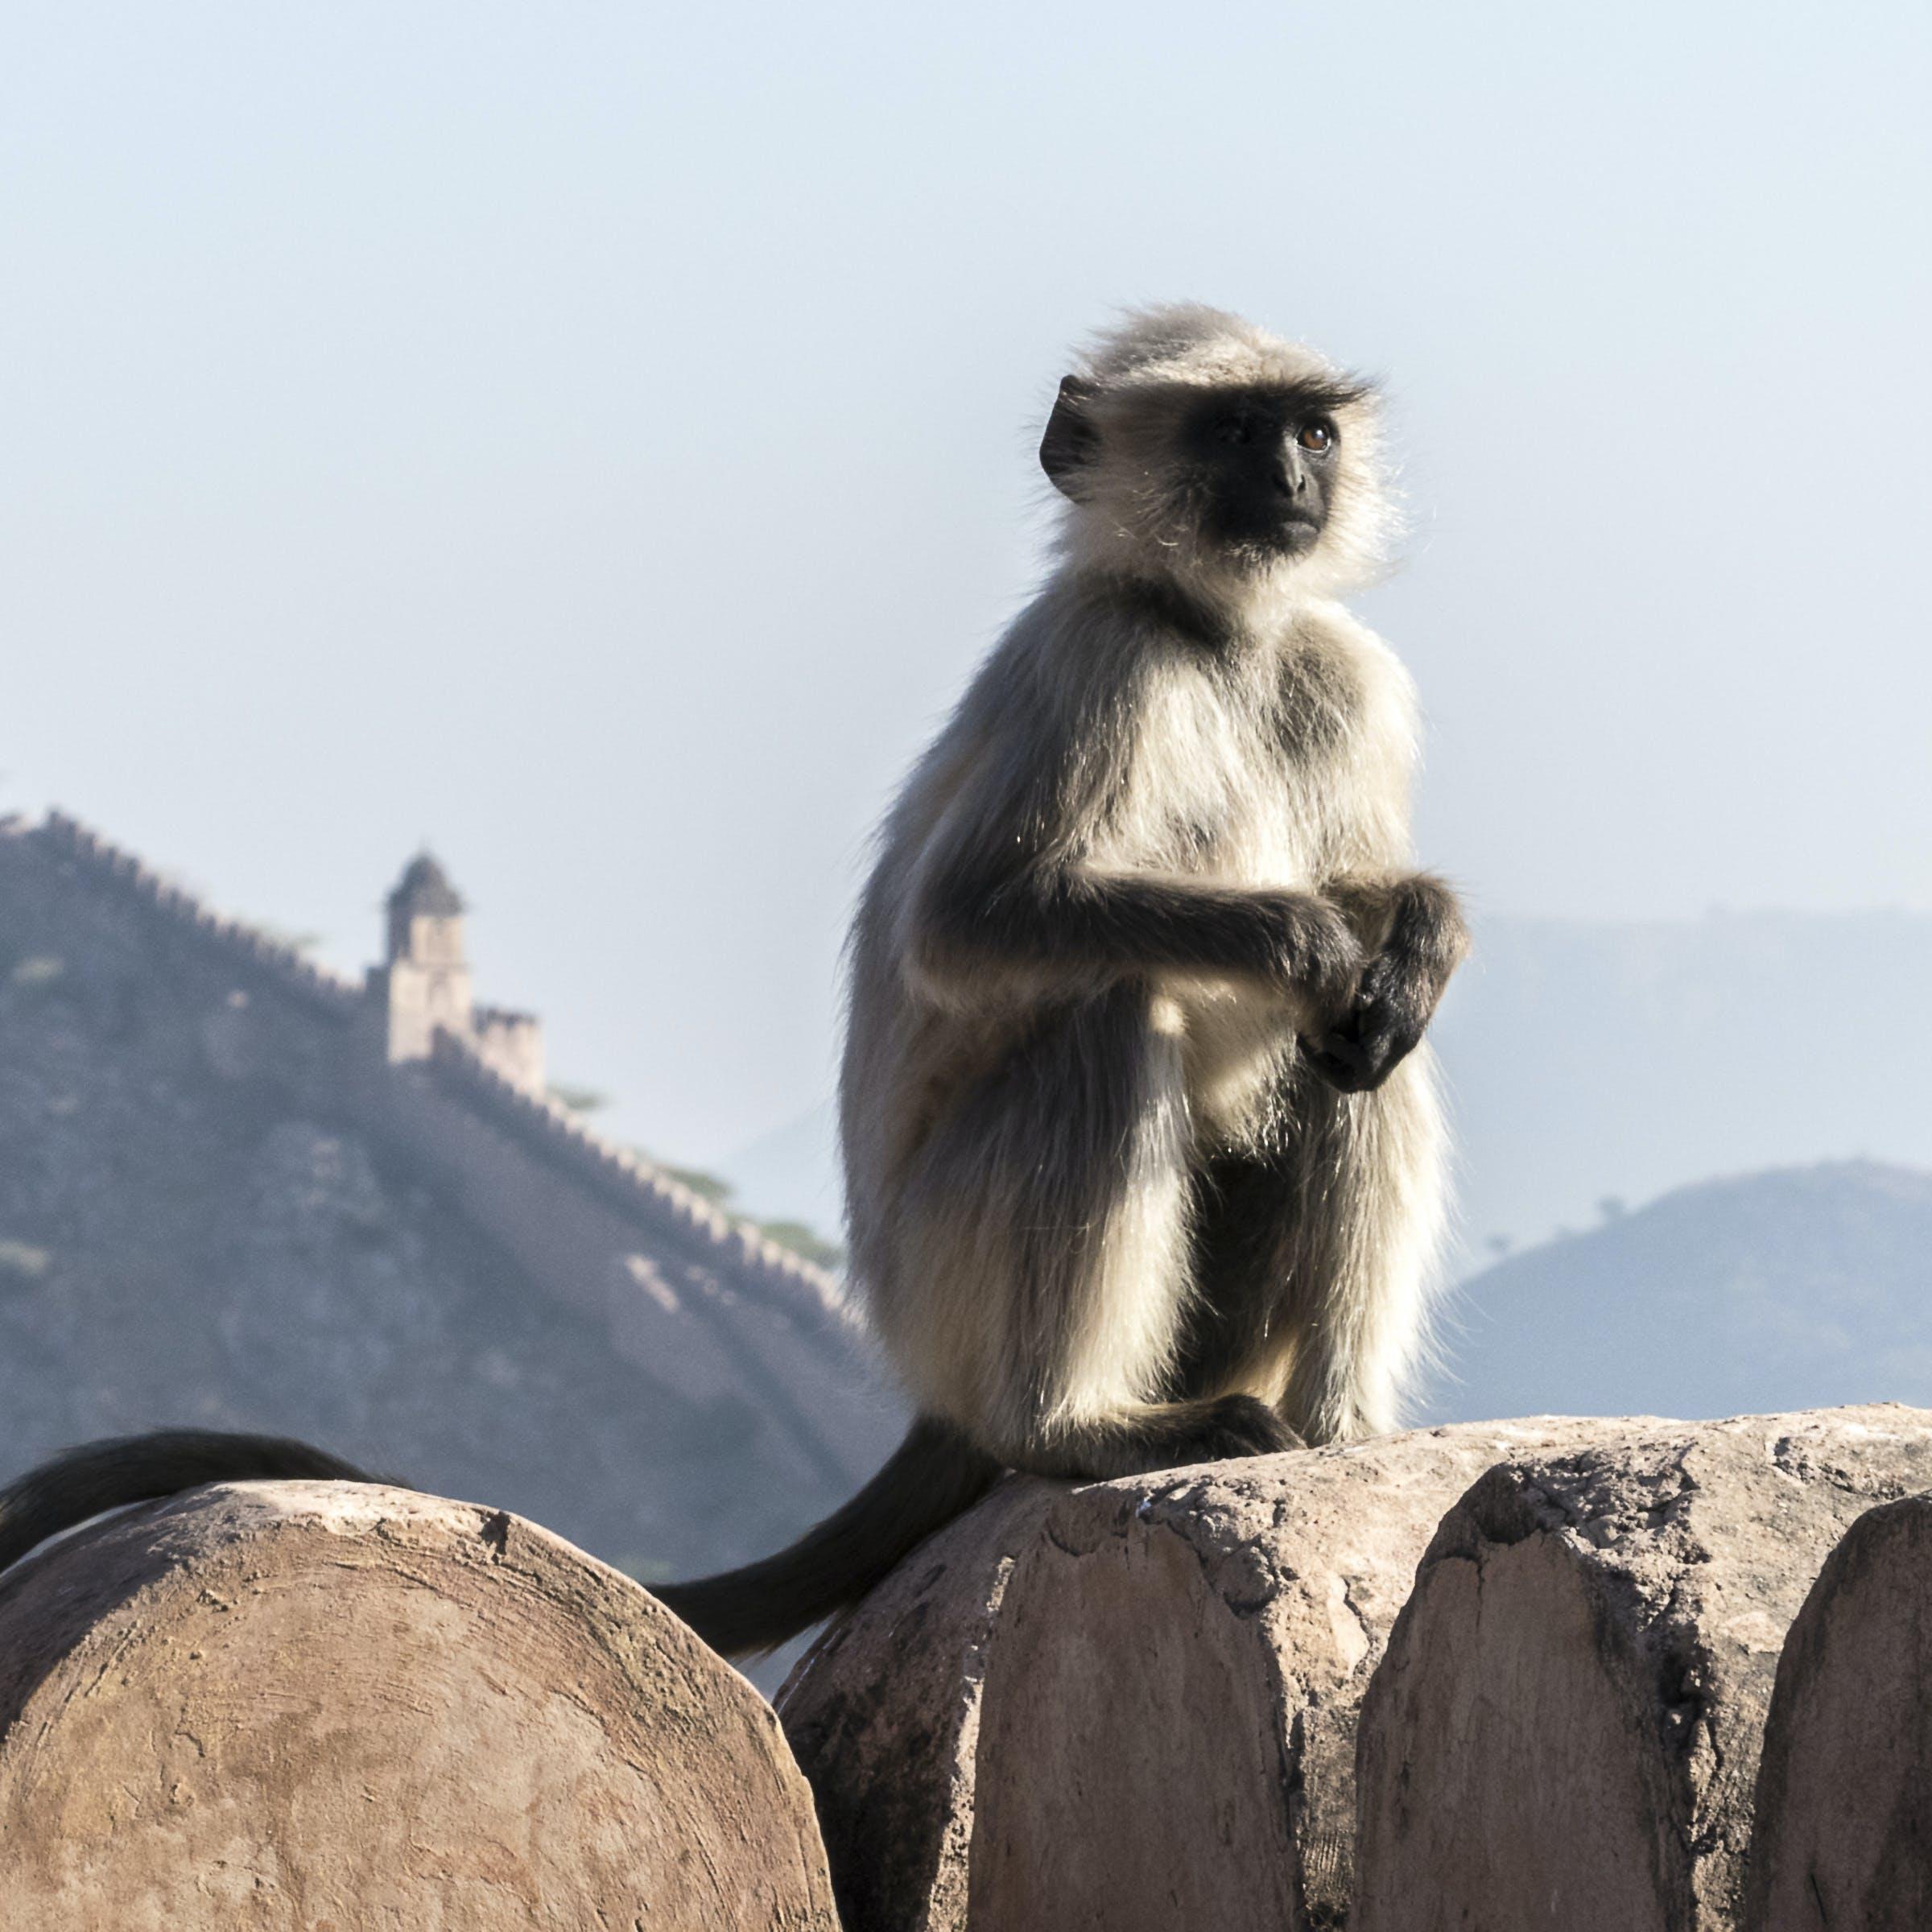 Δωρεάν στοκ φωτογραφιών με μαϊμού, τείχος της πόλης